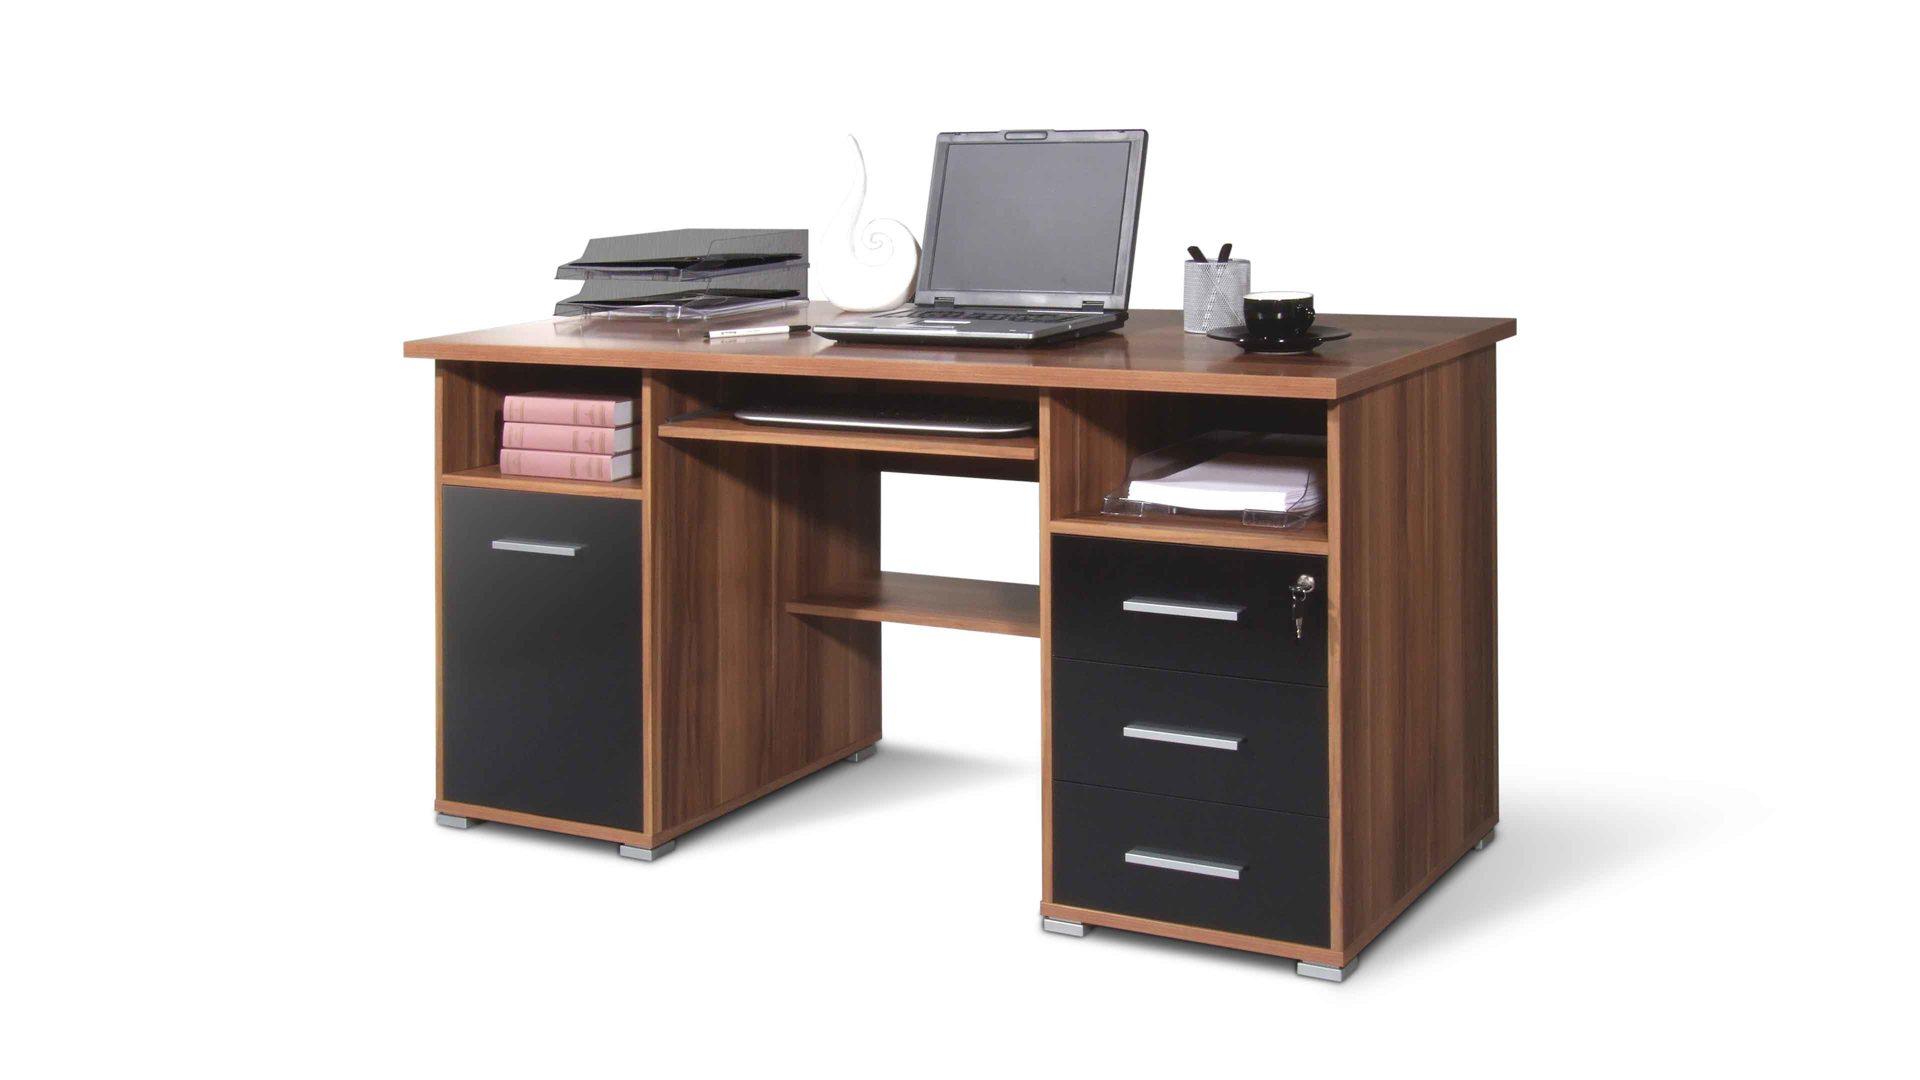 Computertisch Für Moderne Büros, Walnussfarbene U0026 Schwarze  Kunststoffoberflächen   Eine Tür U0026 Drei Schubladen, Zwei Offene Fächer